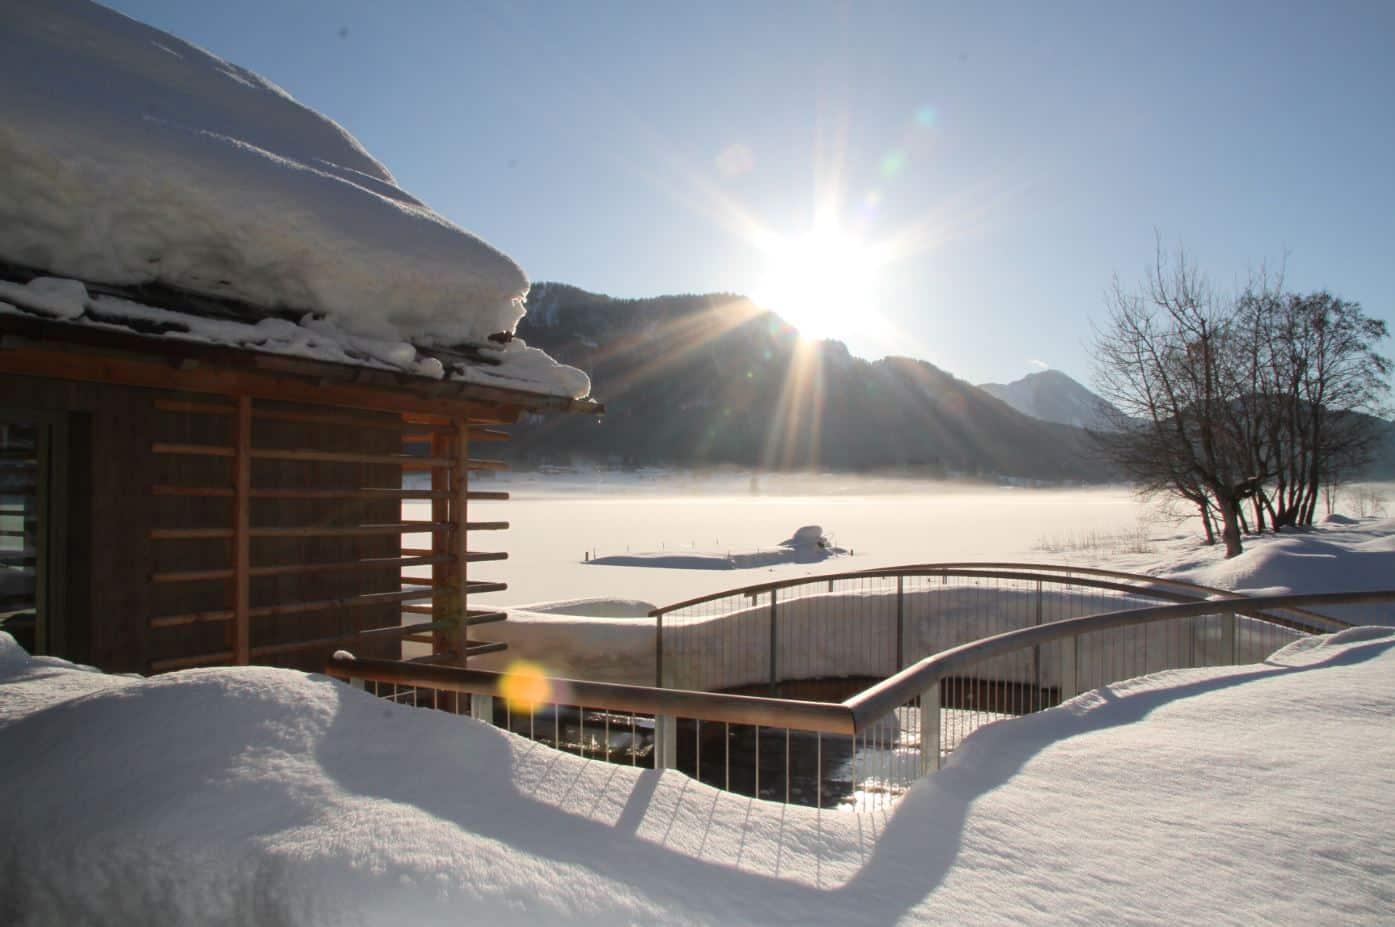 Strandhotel am Weissensee Winter